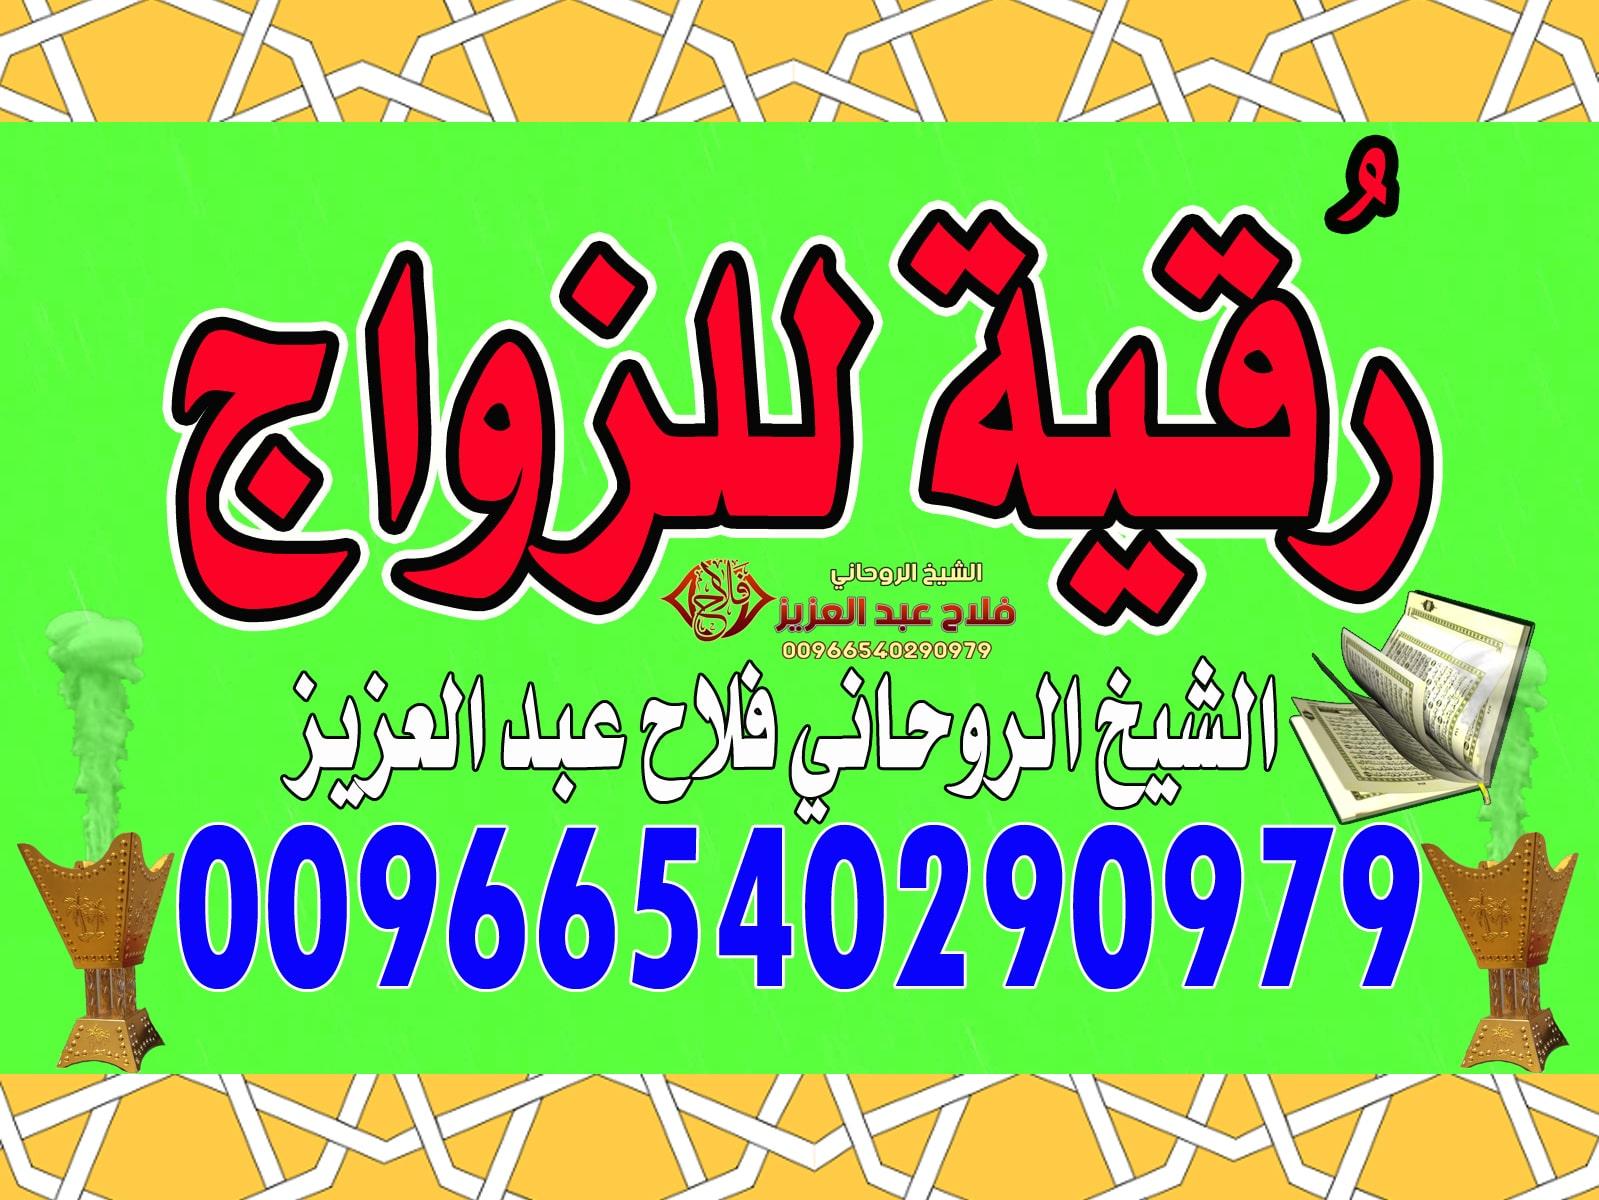 رقية للزواج الشيخ الروحاني فلاح عبد العزيز 00966540290979